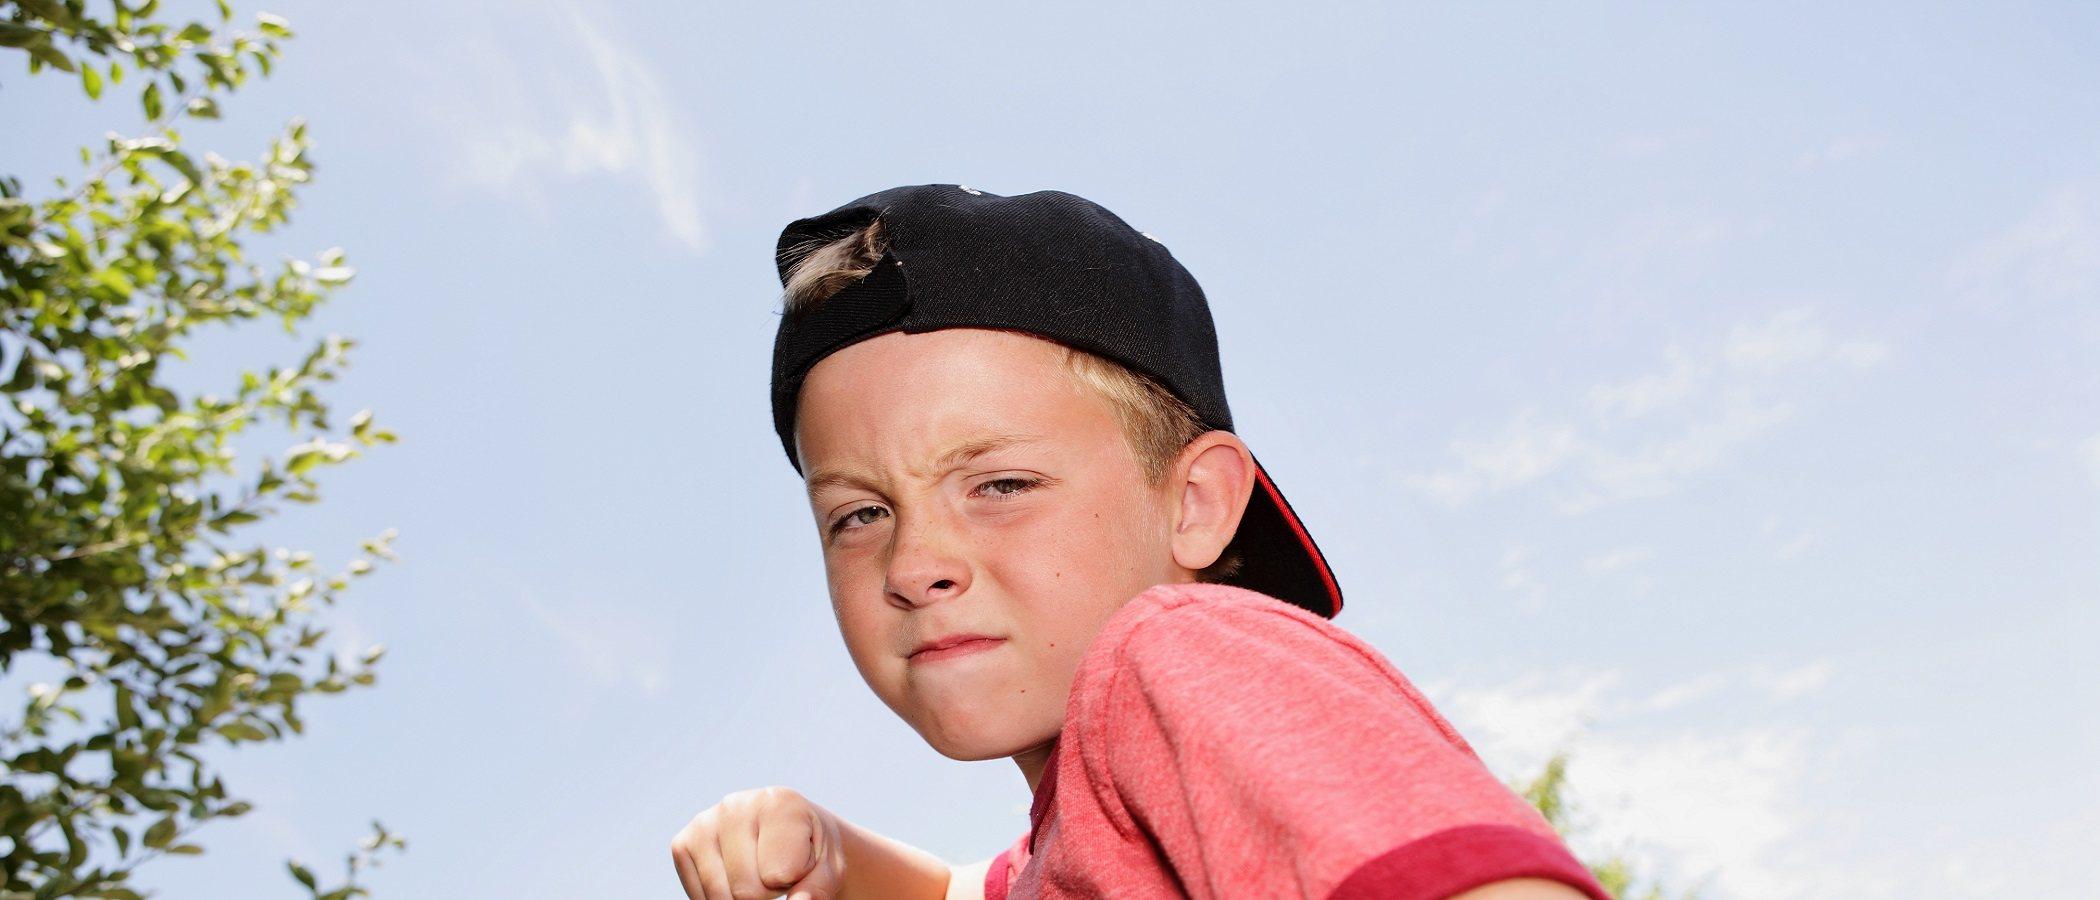 Disciplina efectiva para niños de 8 años